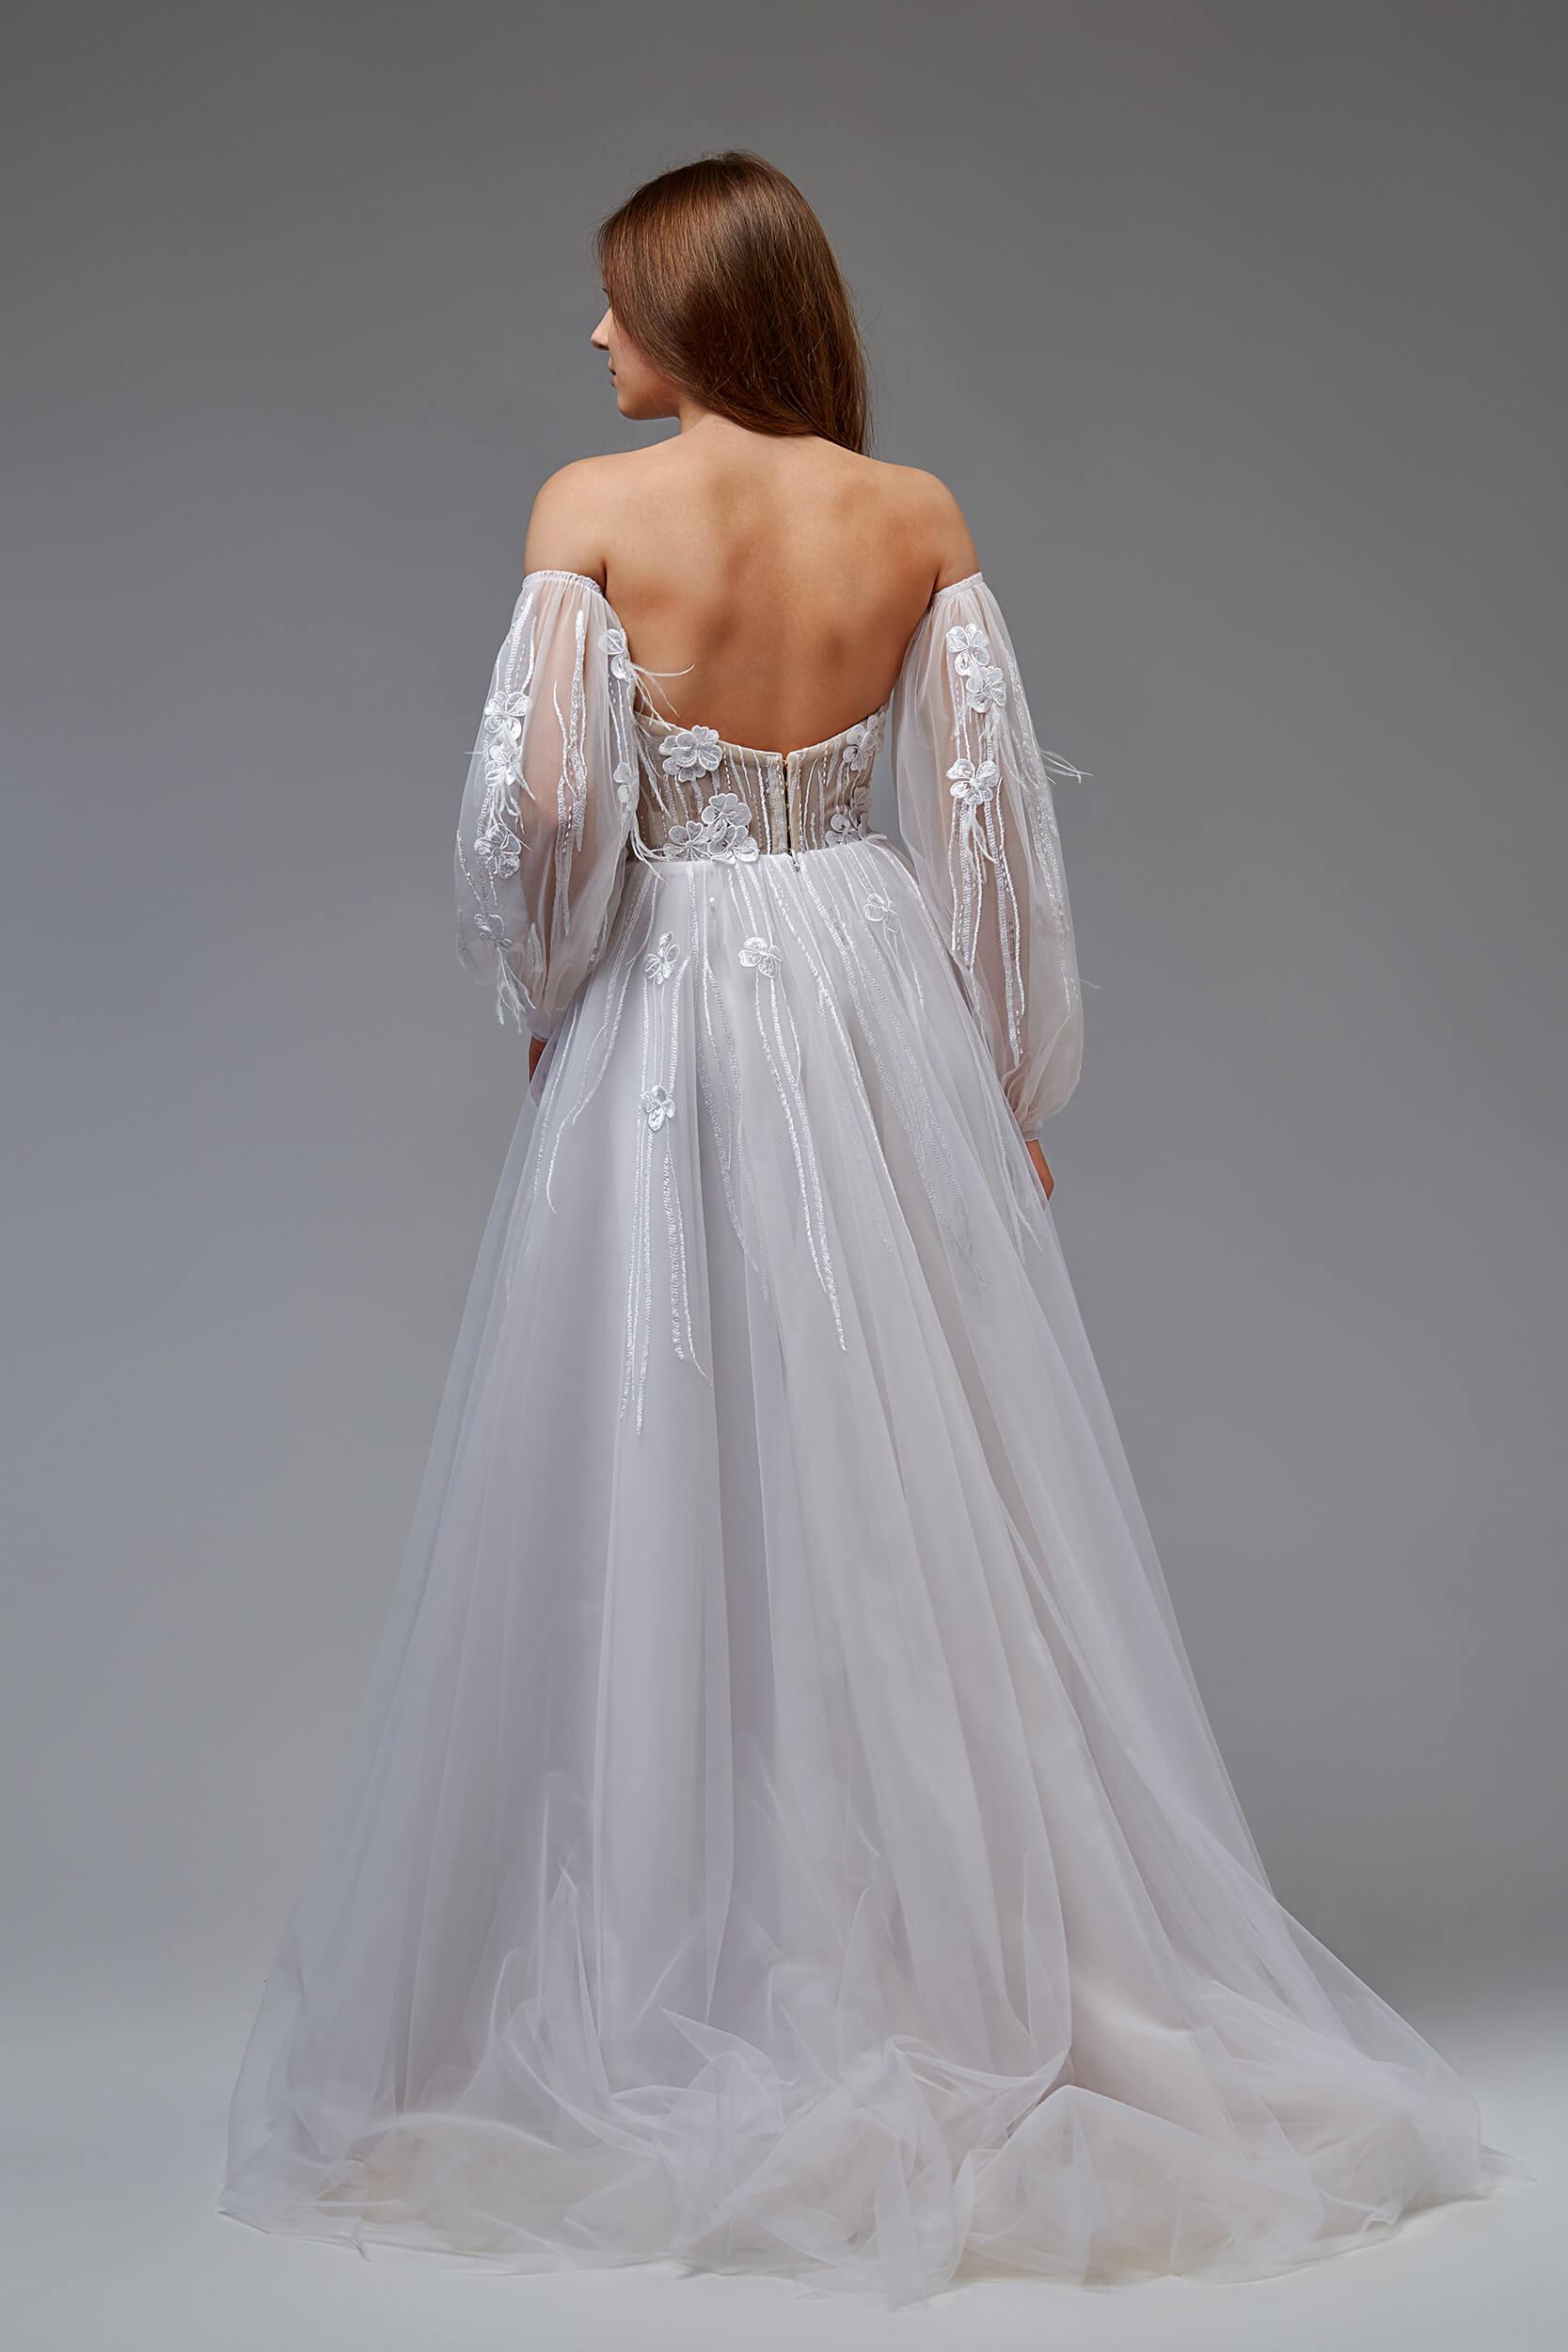 самые стильные свадебные платья(2) | Vero